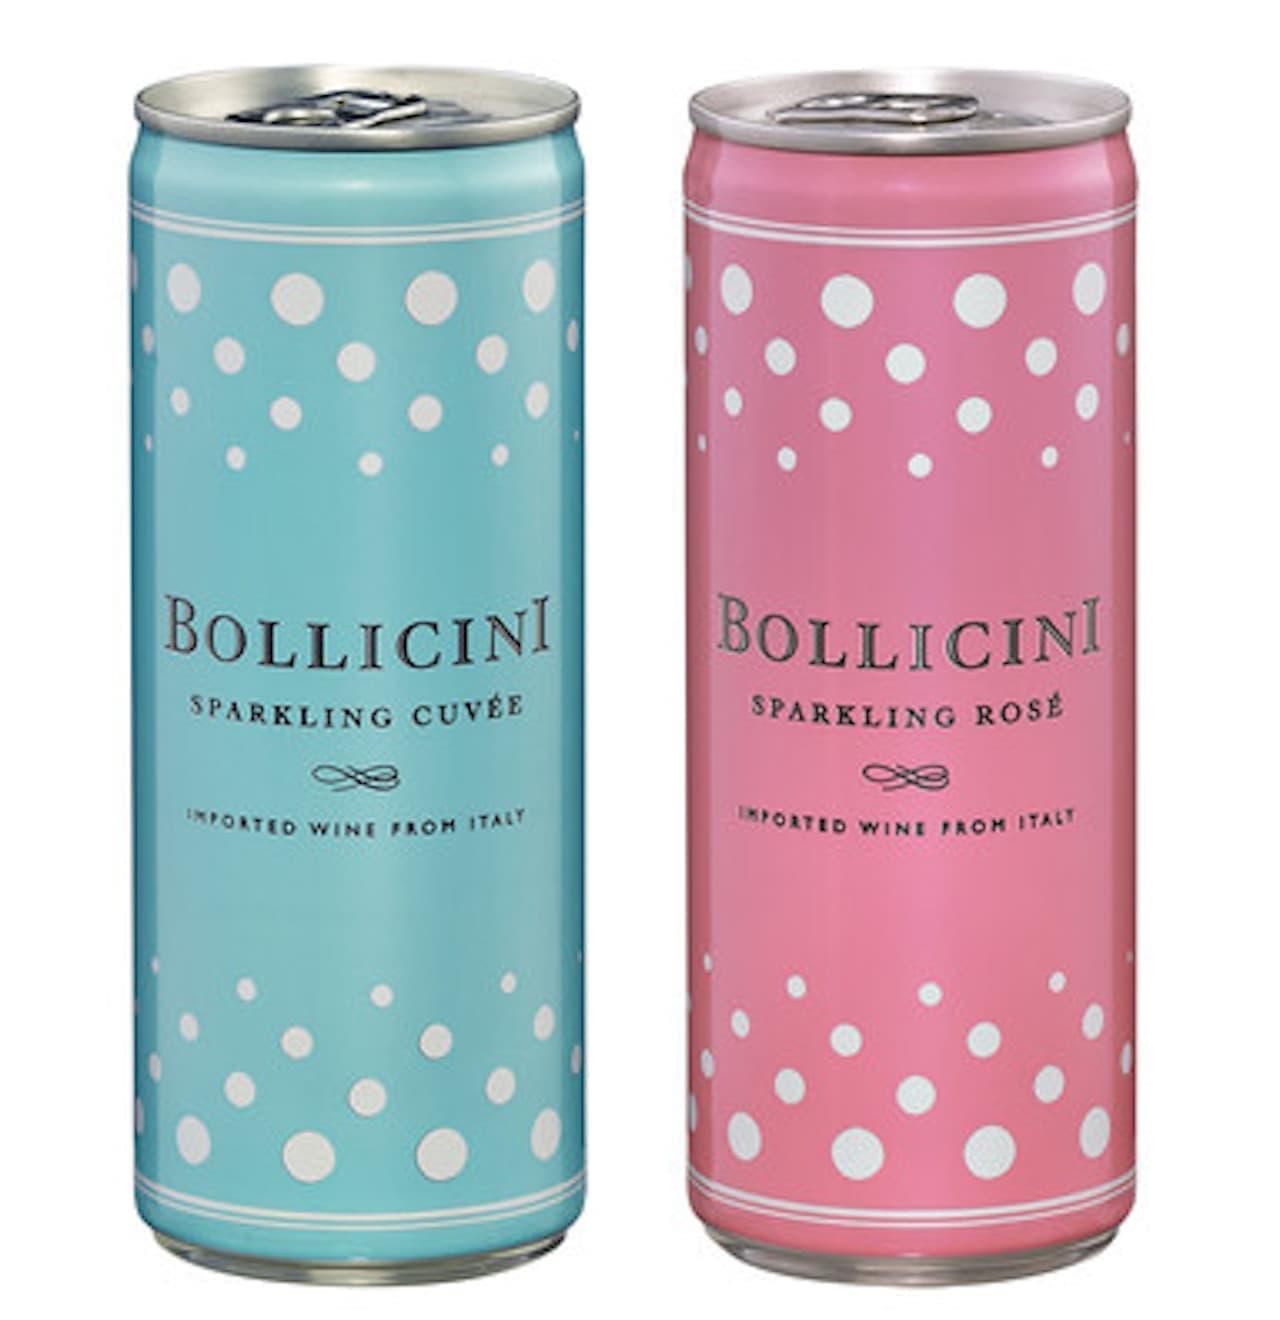 缶入りスパークリングワイン「ボッリチーニ」